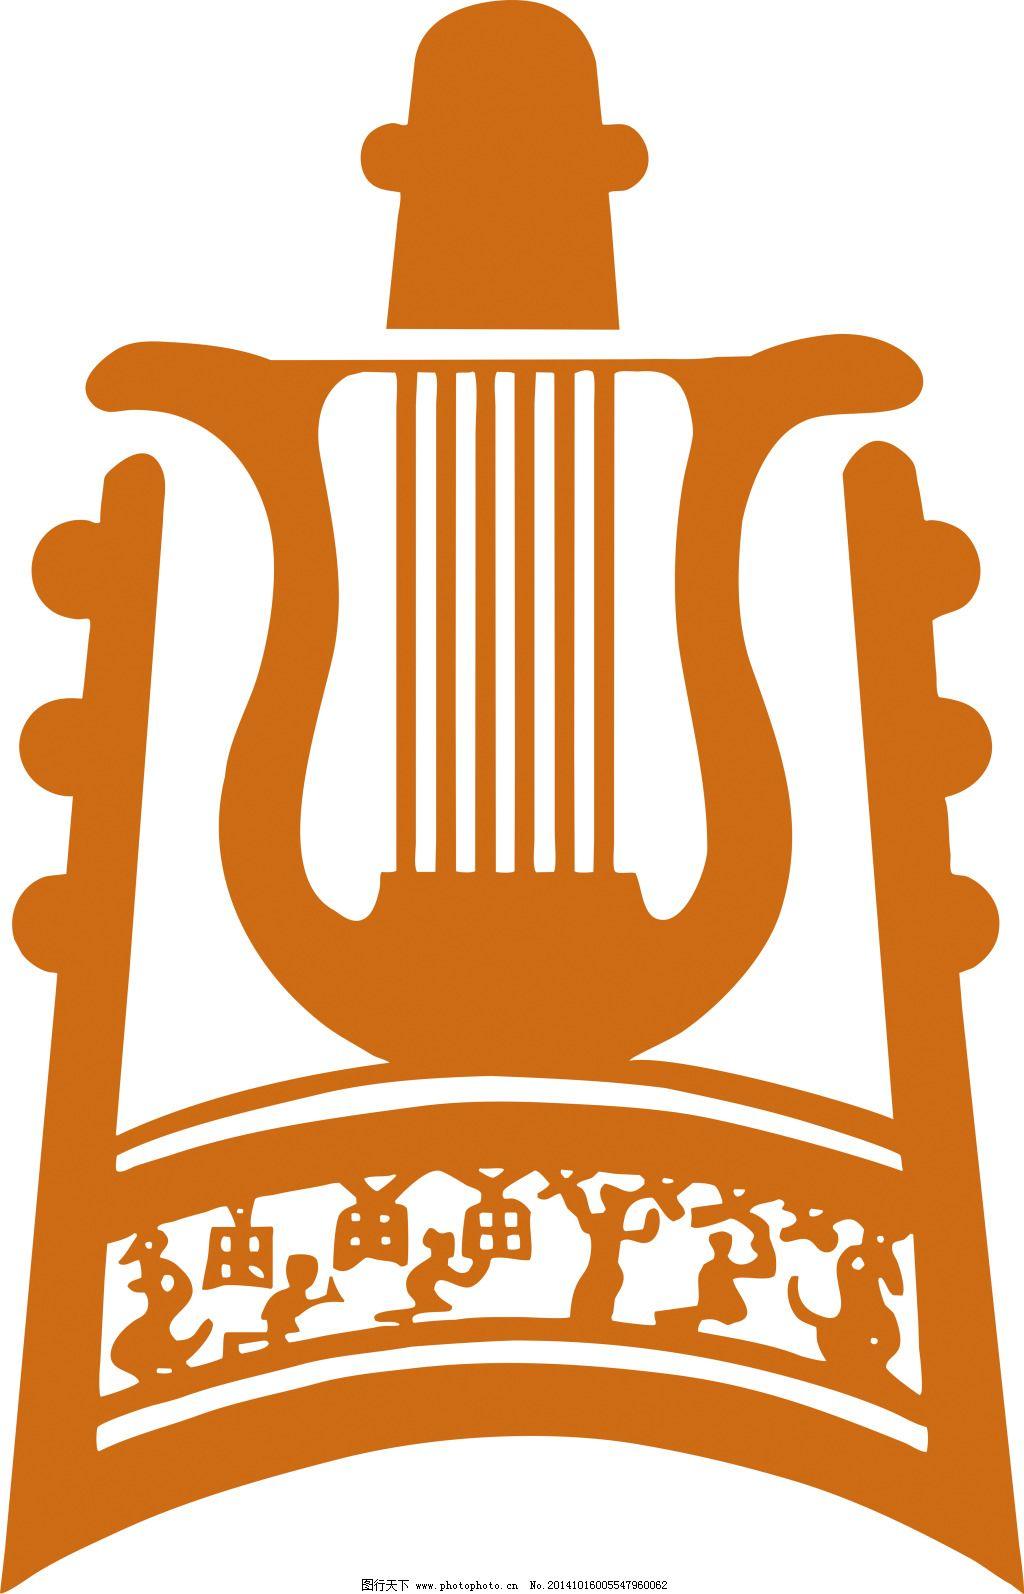 上海音乐学院logo图片